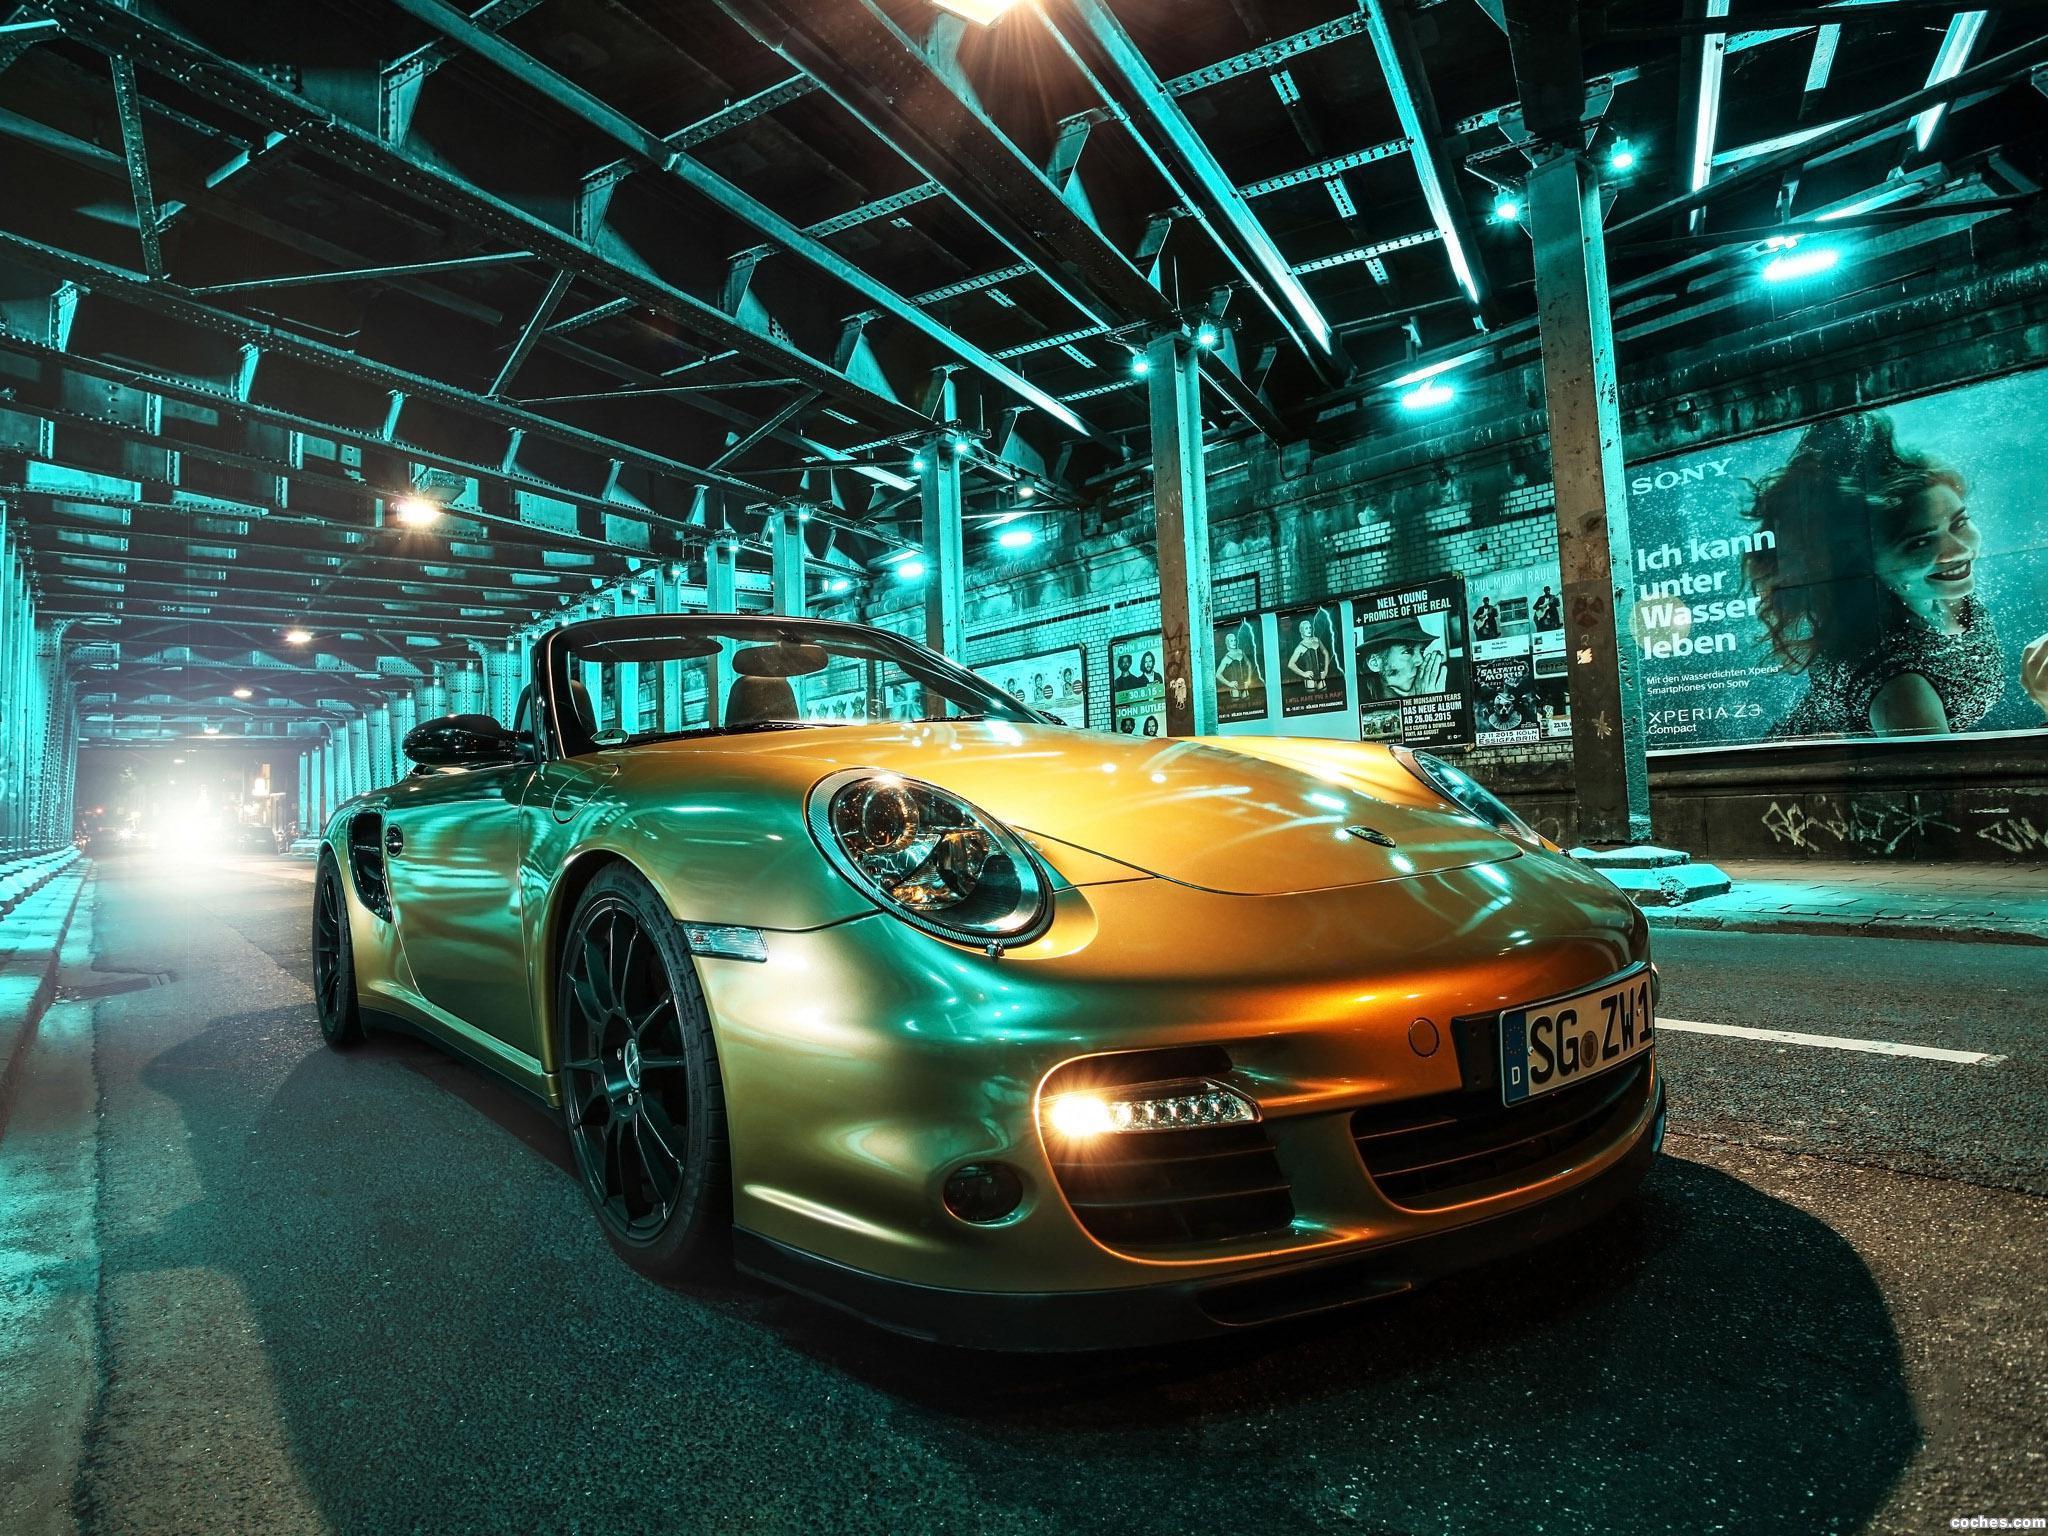 Foto 0 de Porsche Wimmer RS 911 Turbo Cabriolet 997 2016